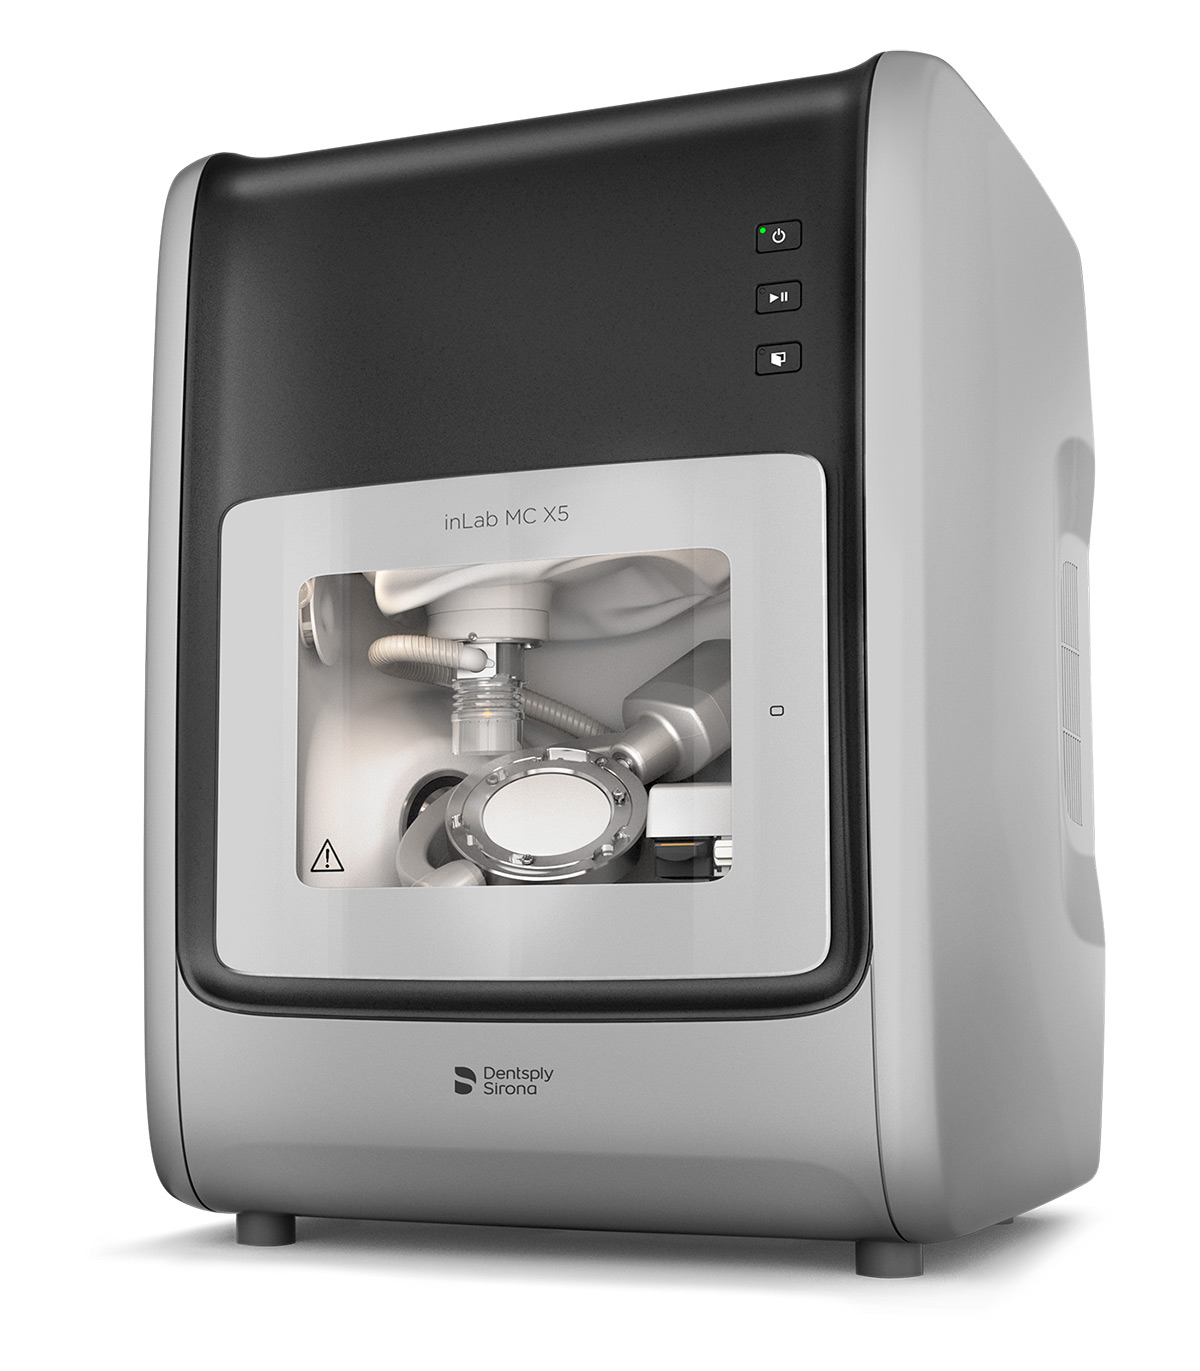 inLab MC X5